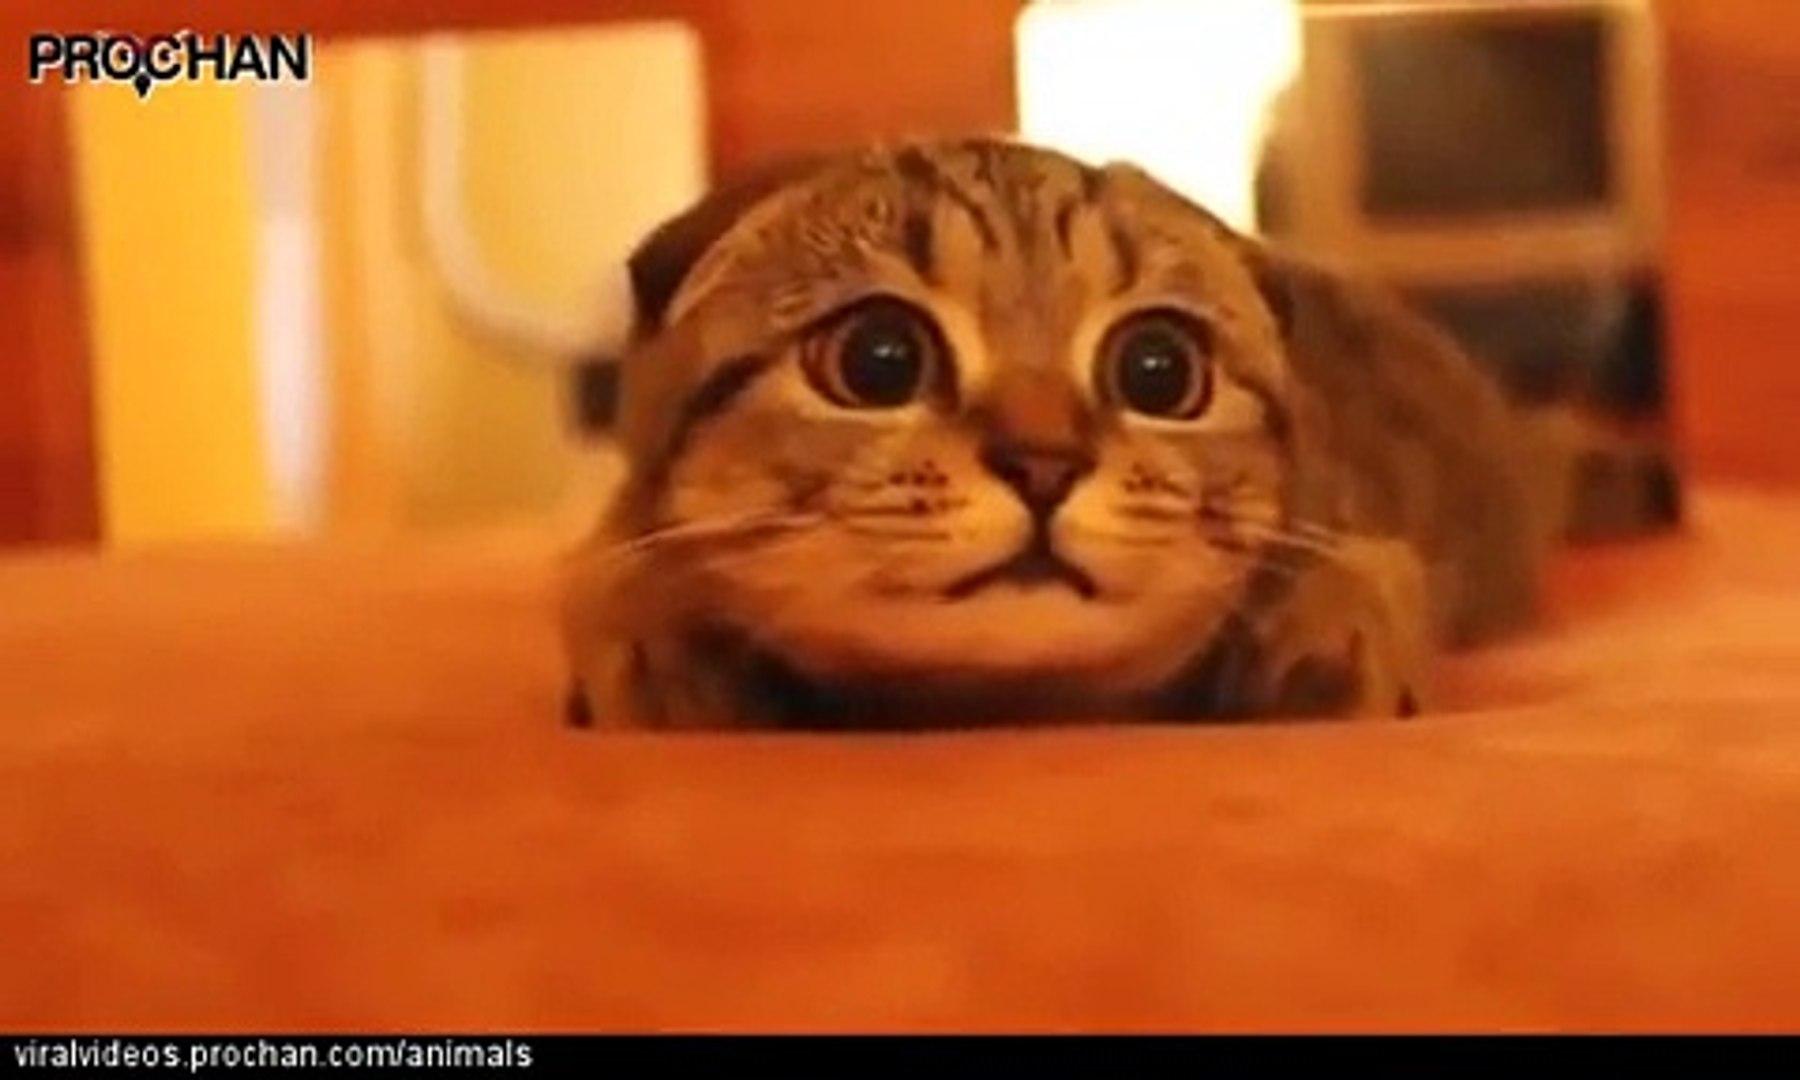 فيديو مضحك لقطة تشعر بالخوف أثناء مشاهدة فيلم رعب